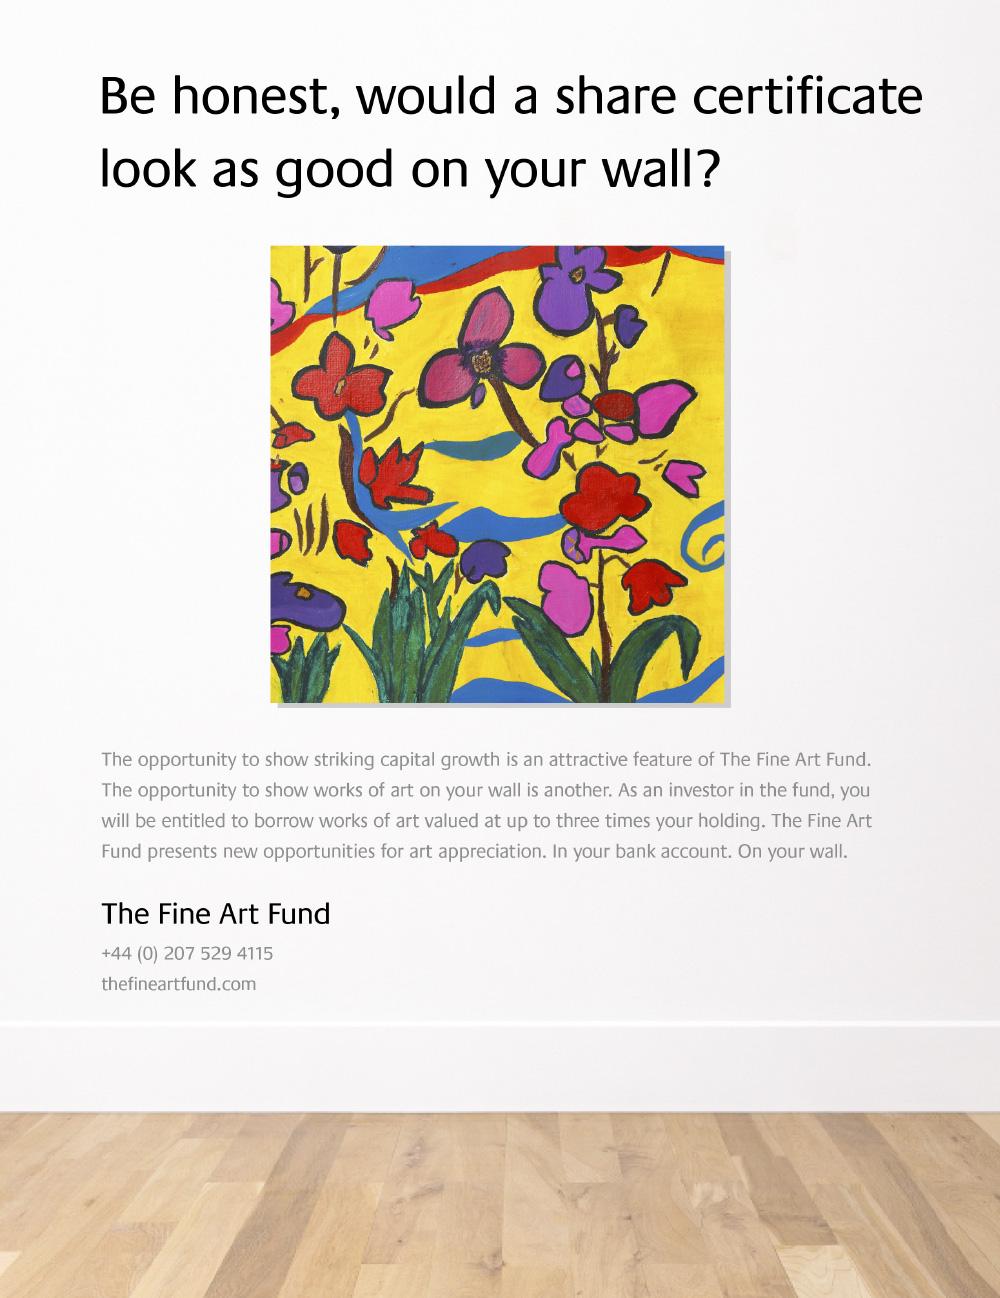 The Fine Art Fund